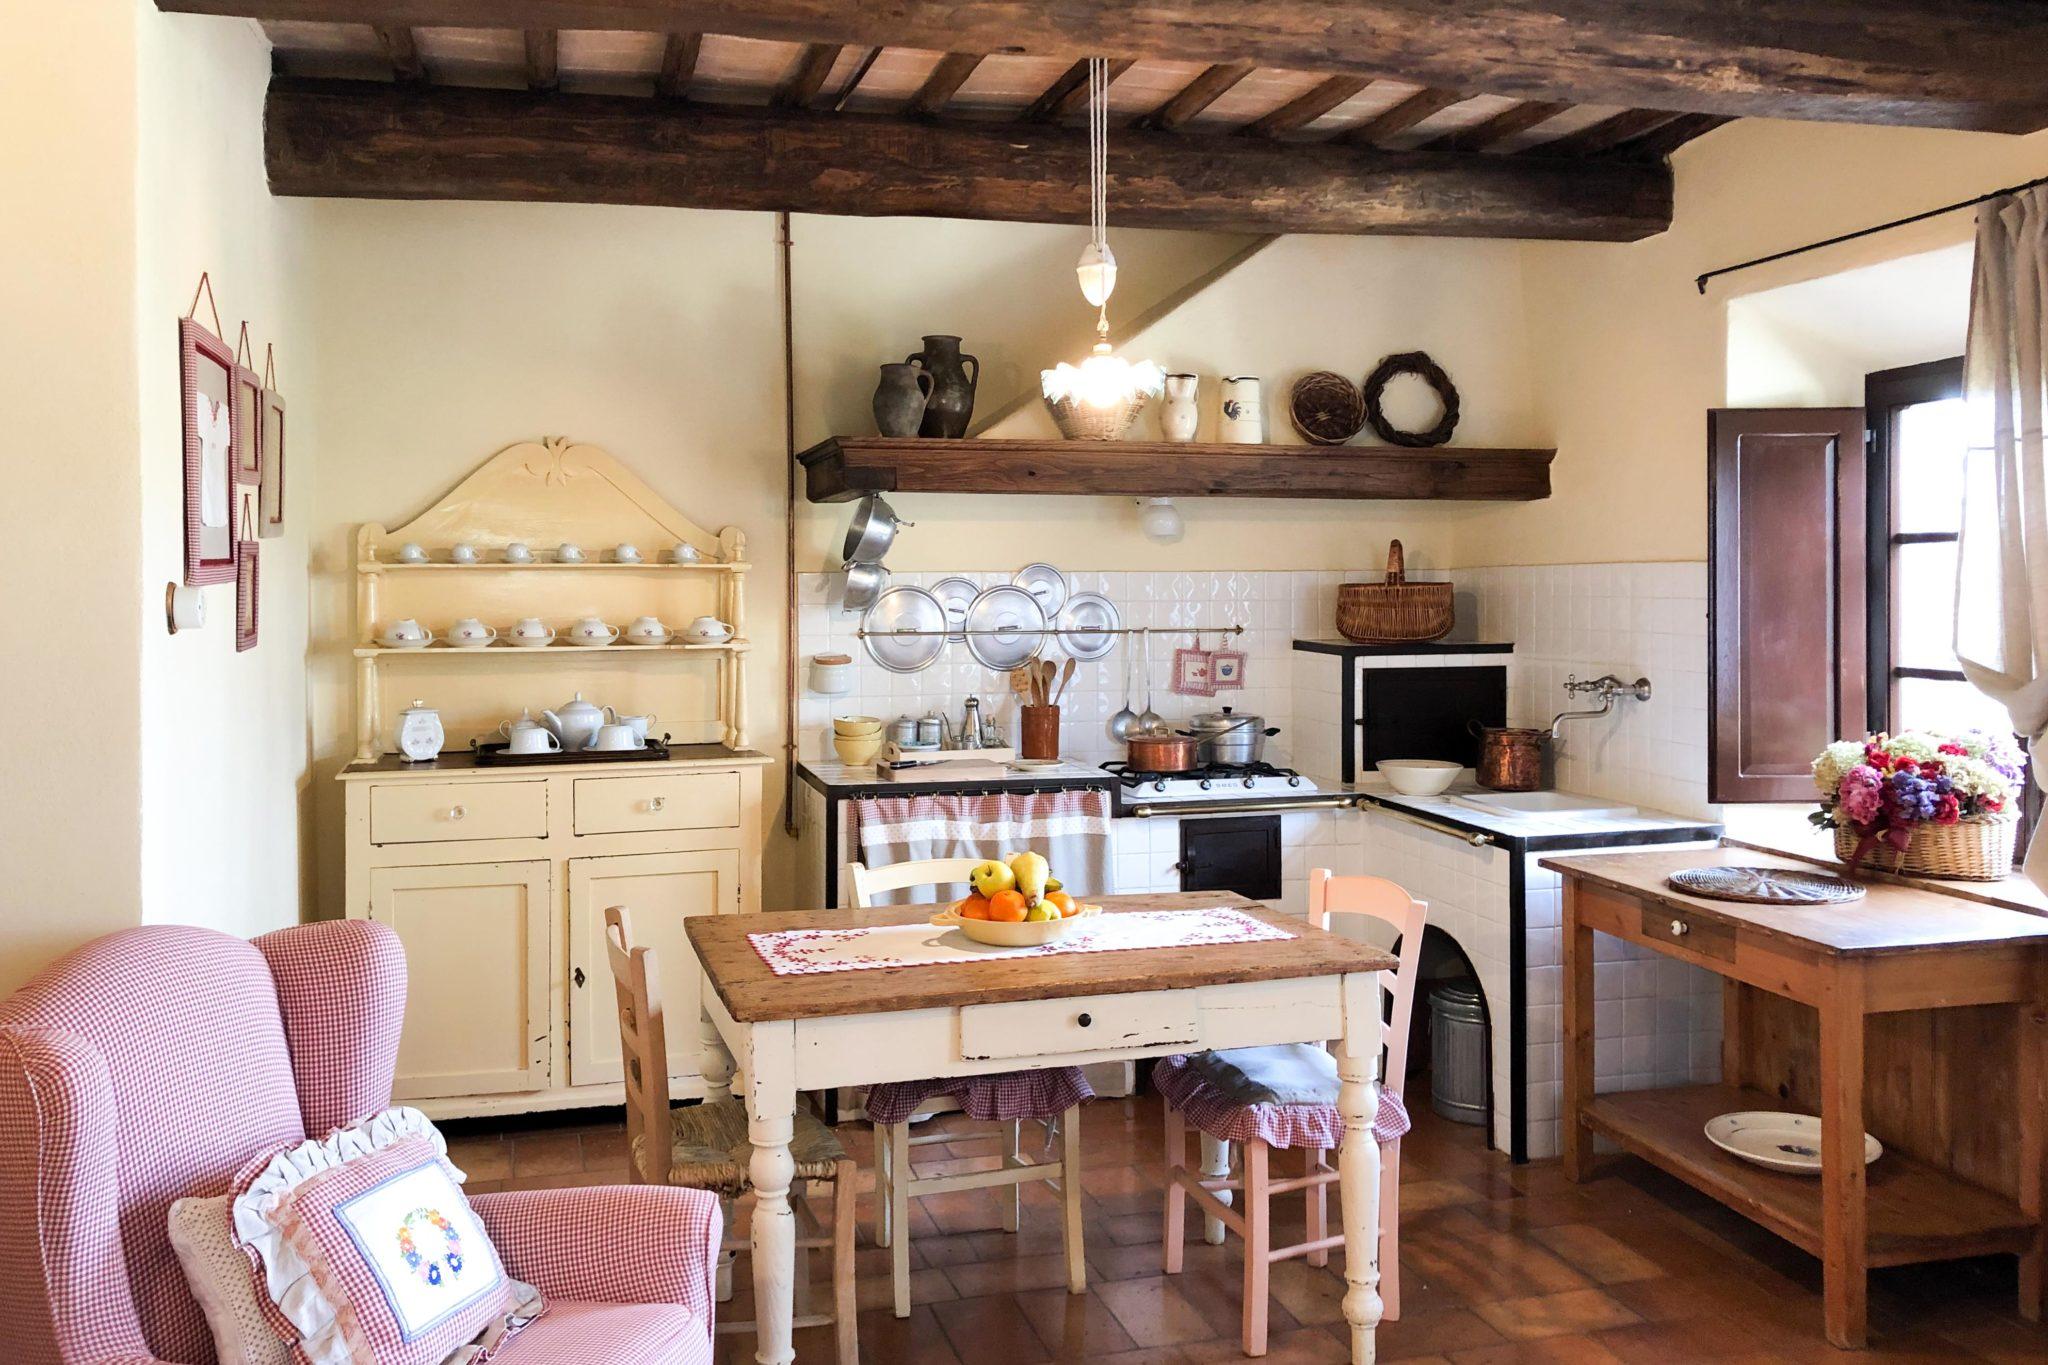 Villa Martina room - bed and breakfast in Chianti Siena Tuscany